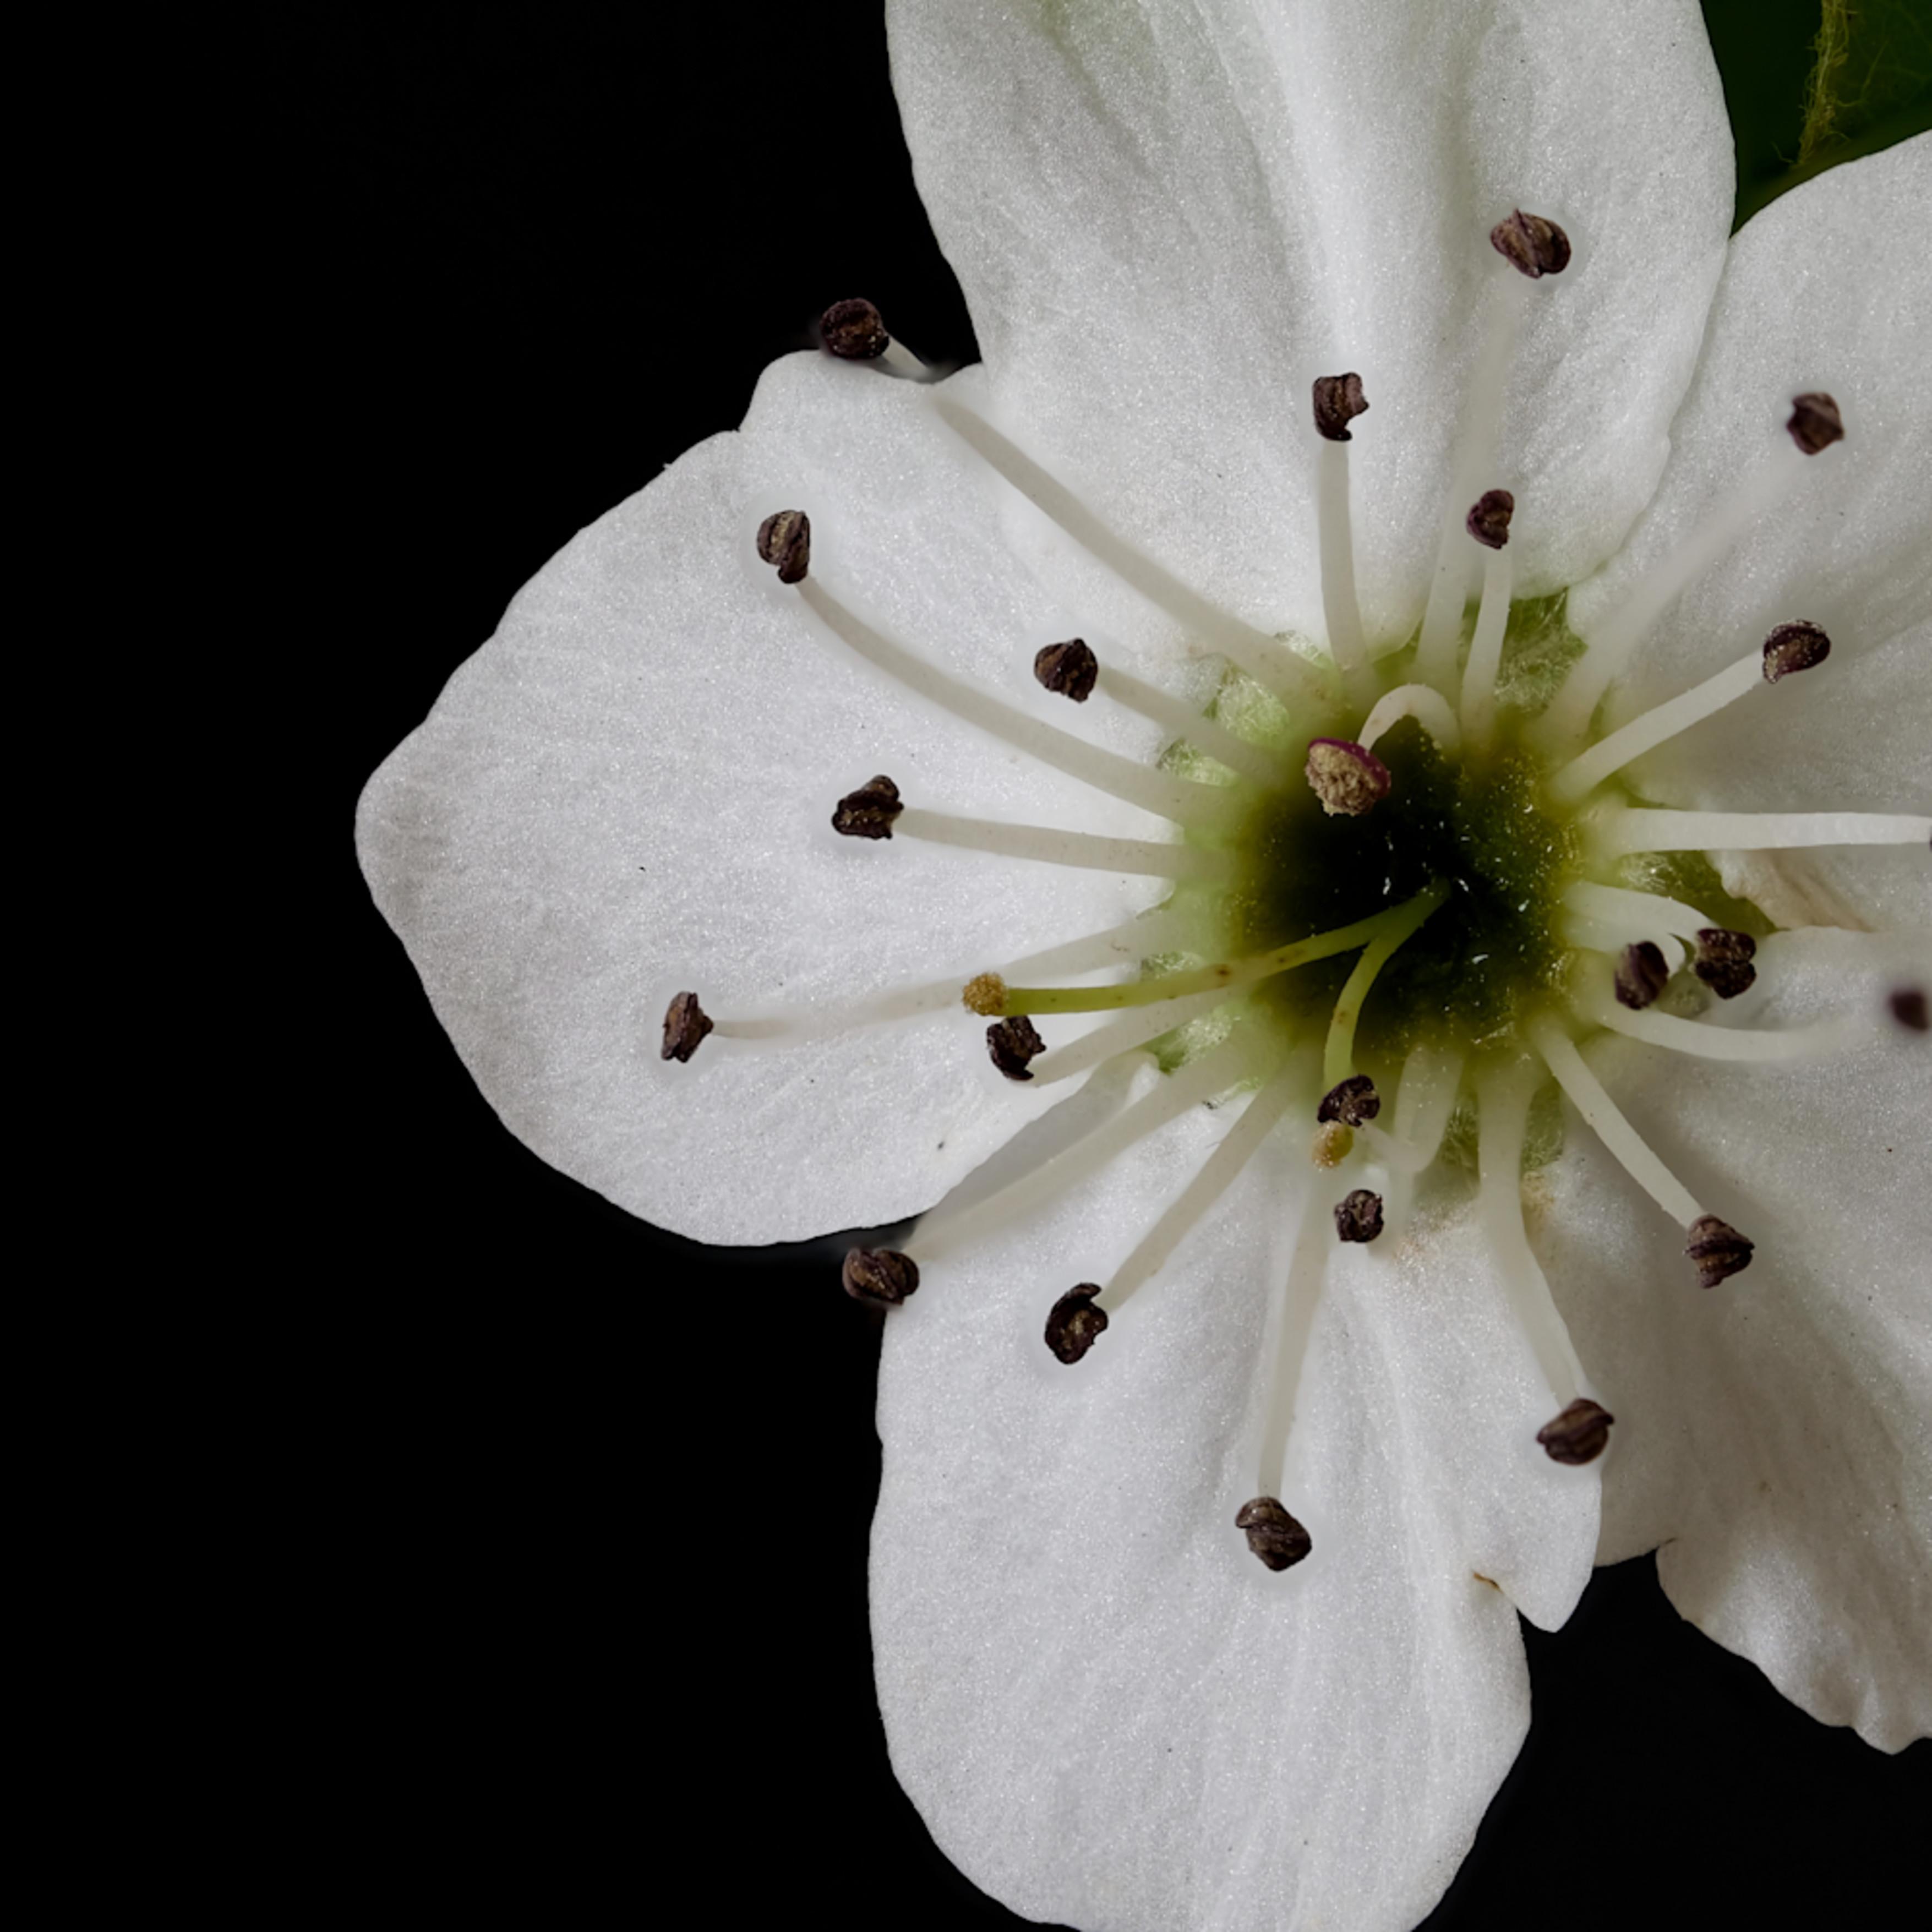 Blossoms focus 2 atsbwf